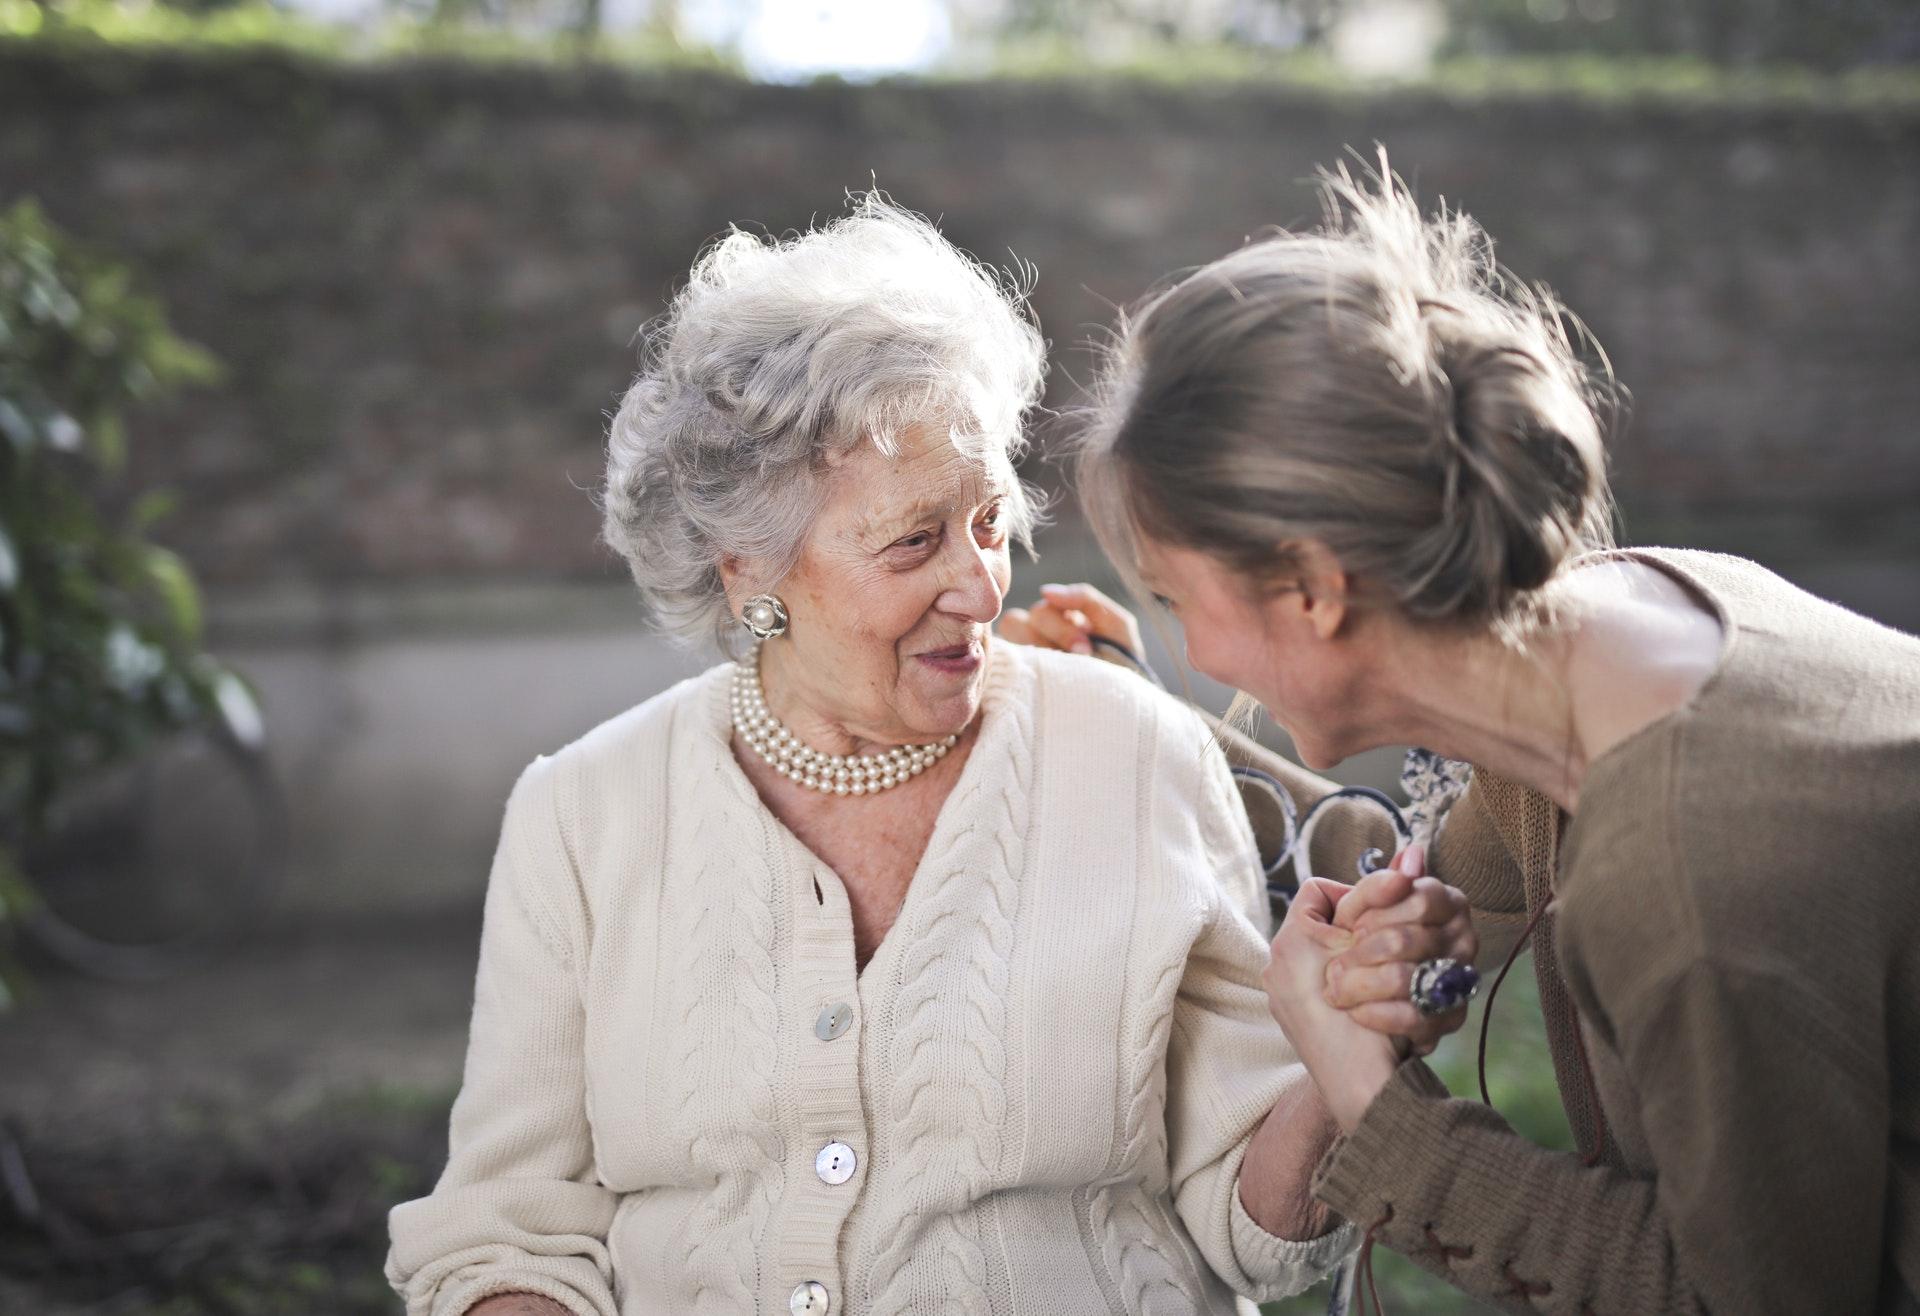 Vemos uma mulher jovem conversando com uma idosa (imagem ilustrativa).